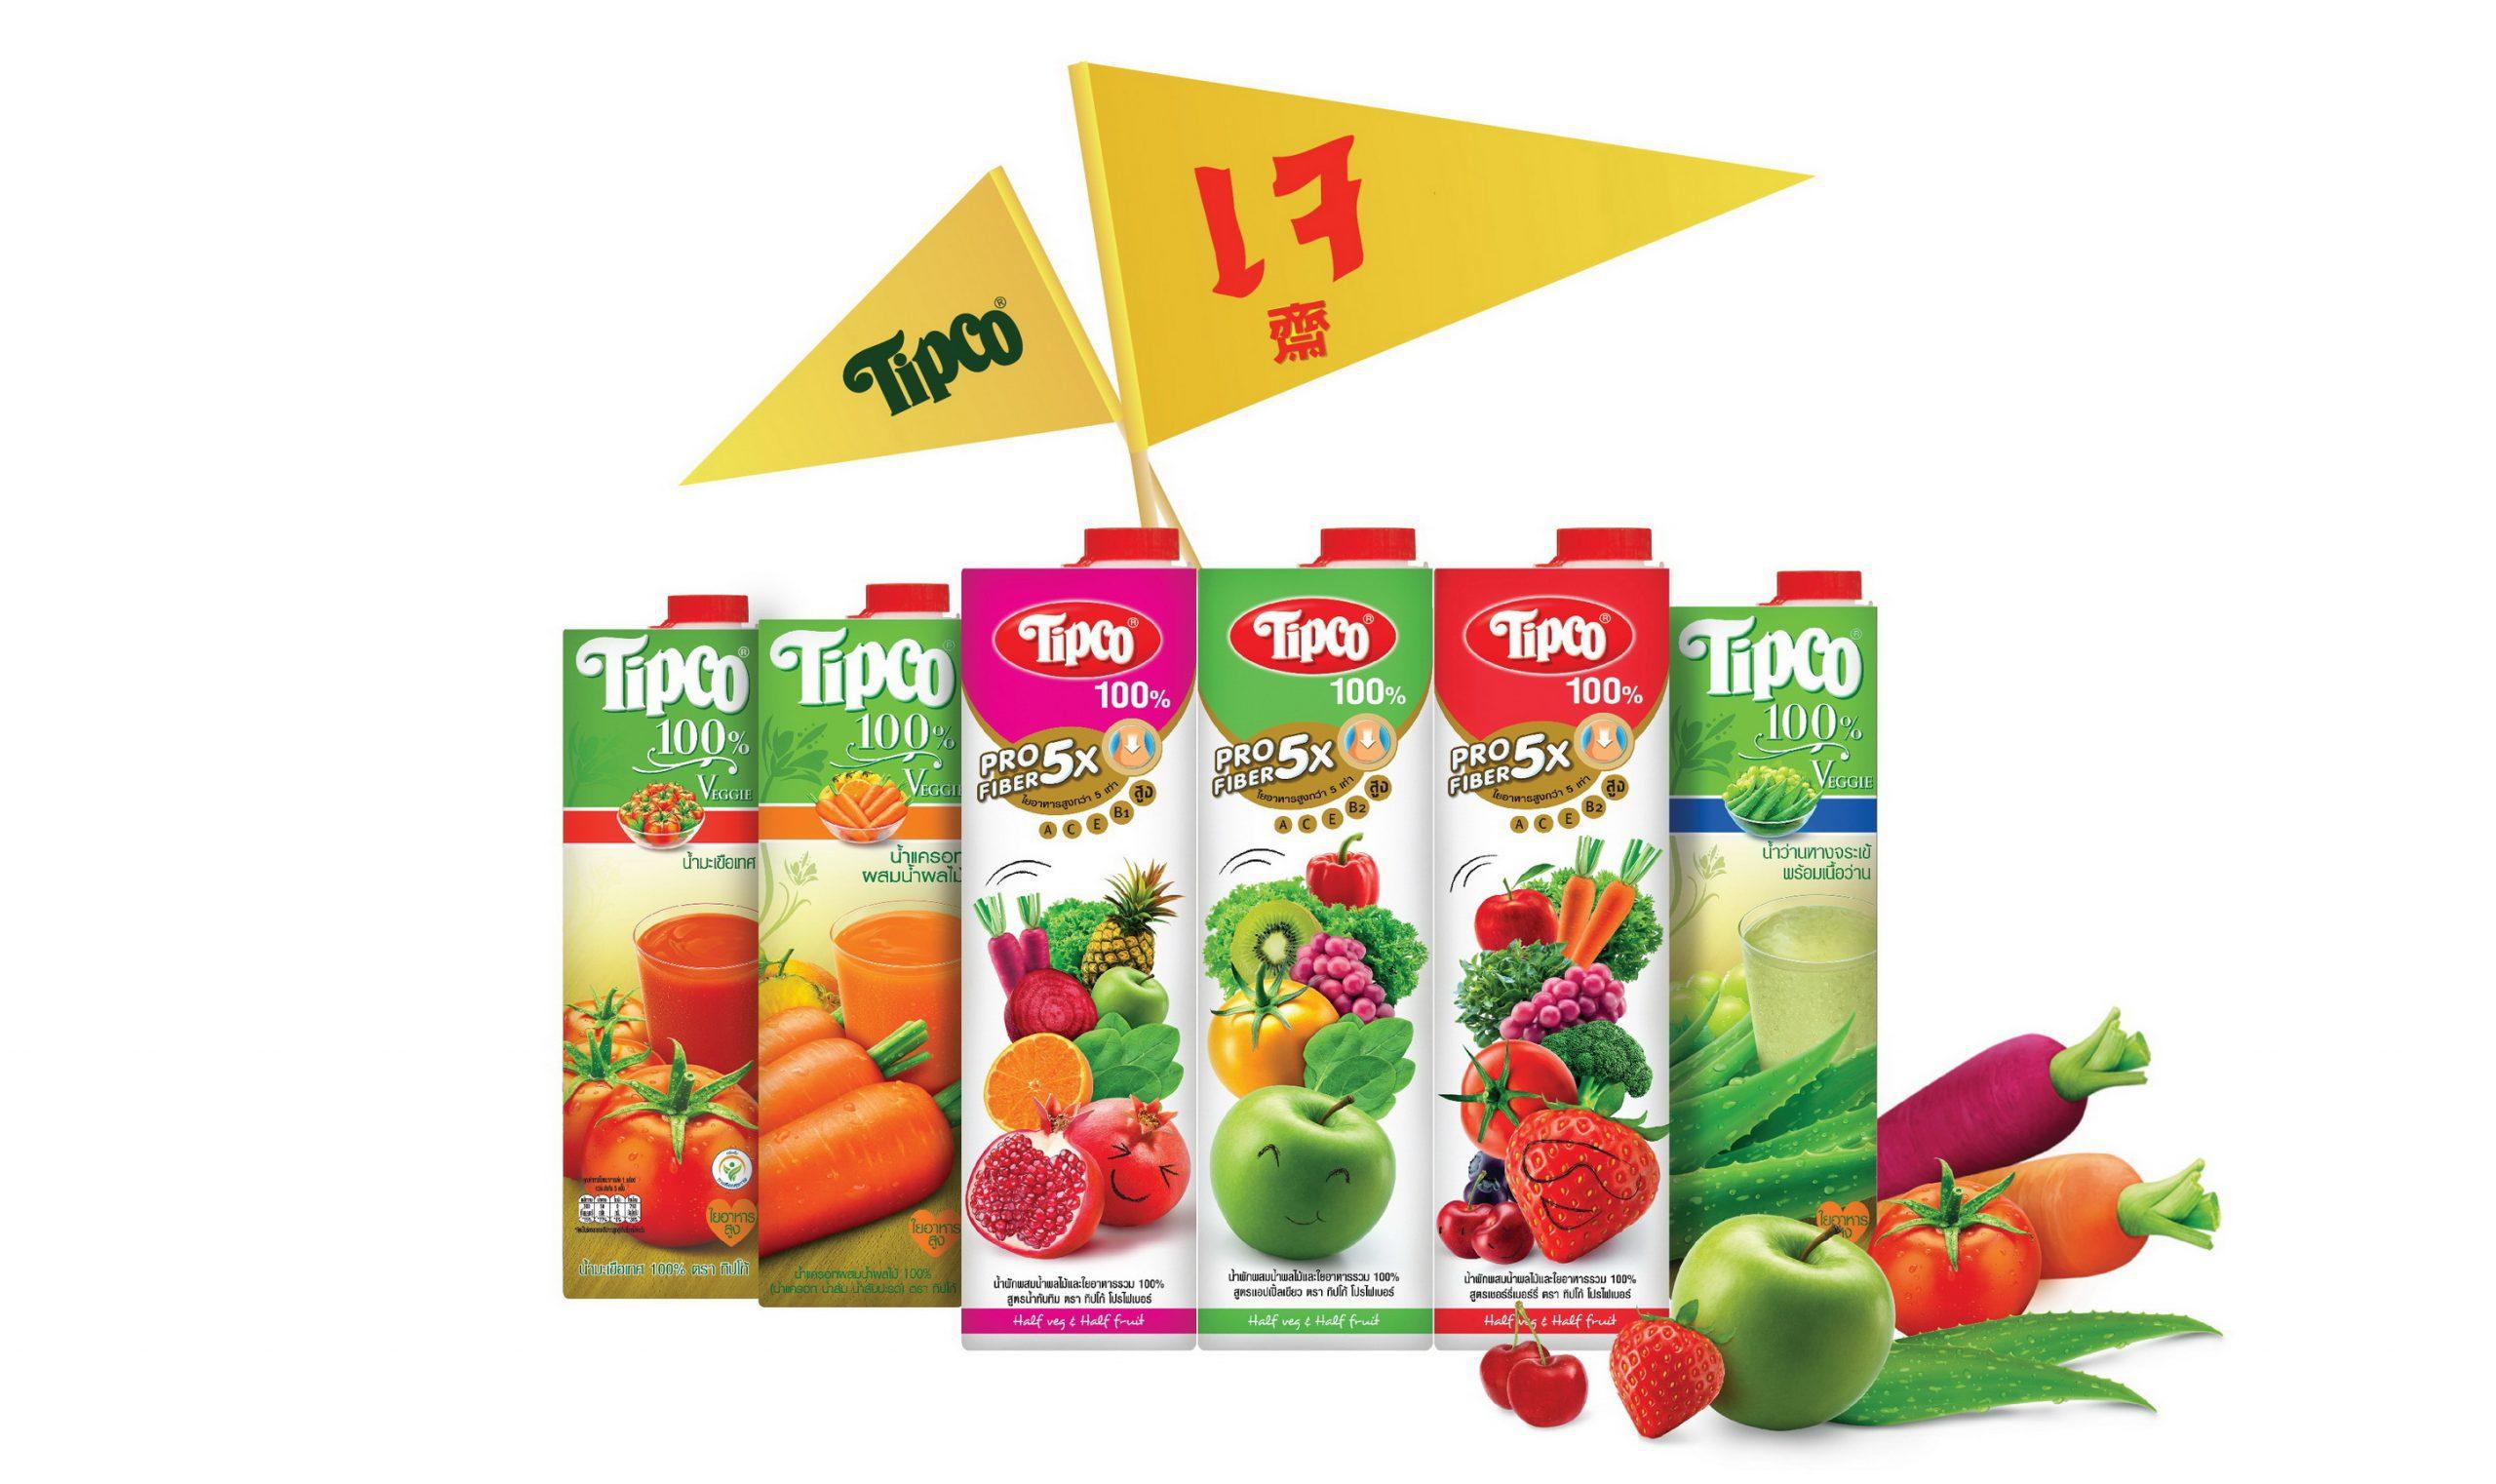 บูสท์ไฟเบอร์ให้ร่างกายช่วงเทศกาลเจ ทิปโก้ อิ่มบุญ โล่งกาย ด้วยน้ำผัก 6 รสชาติ